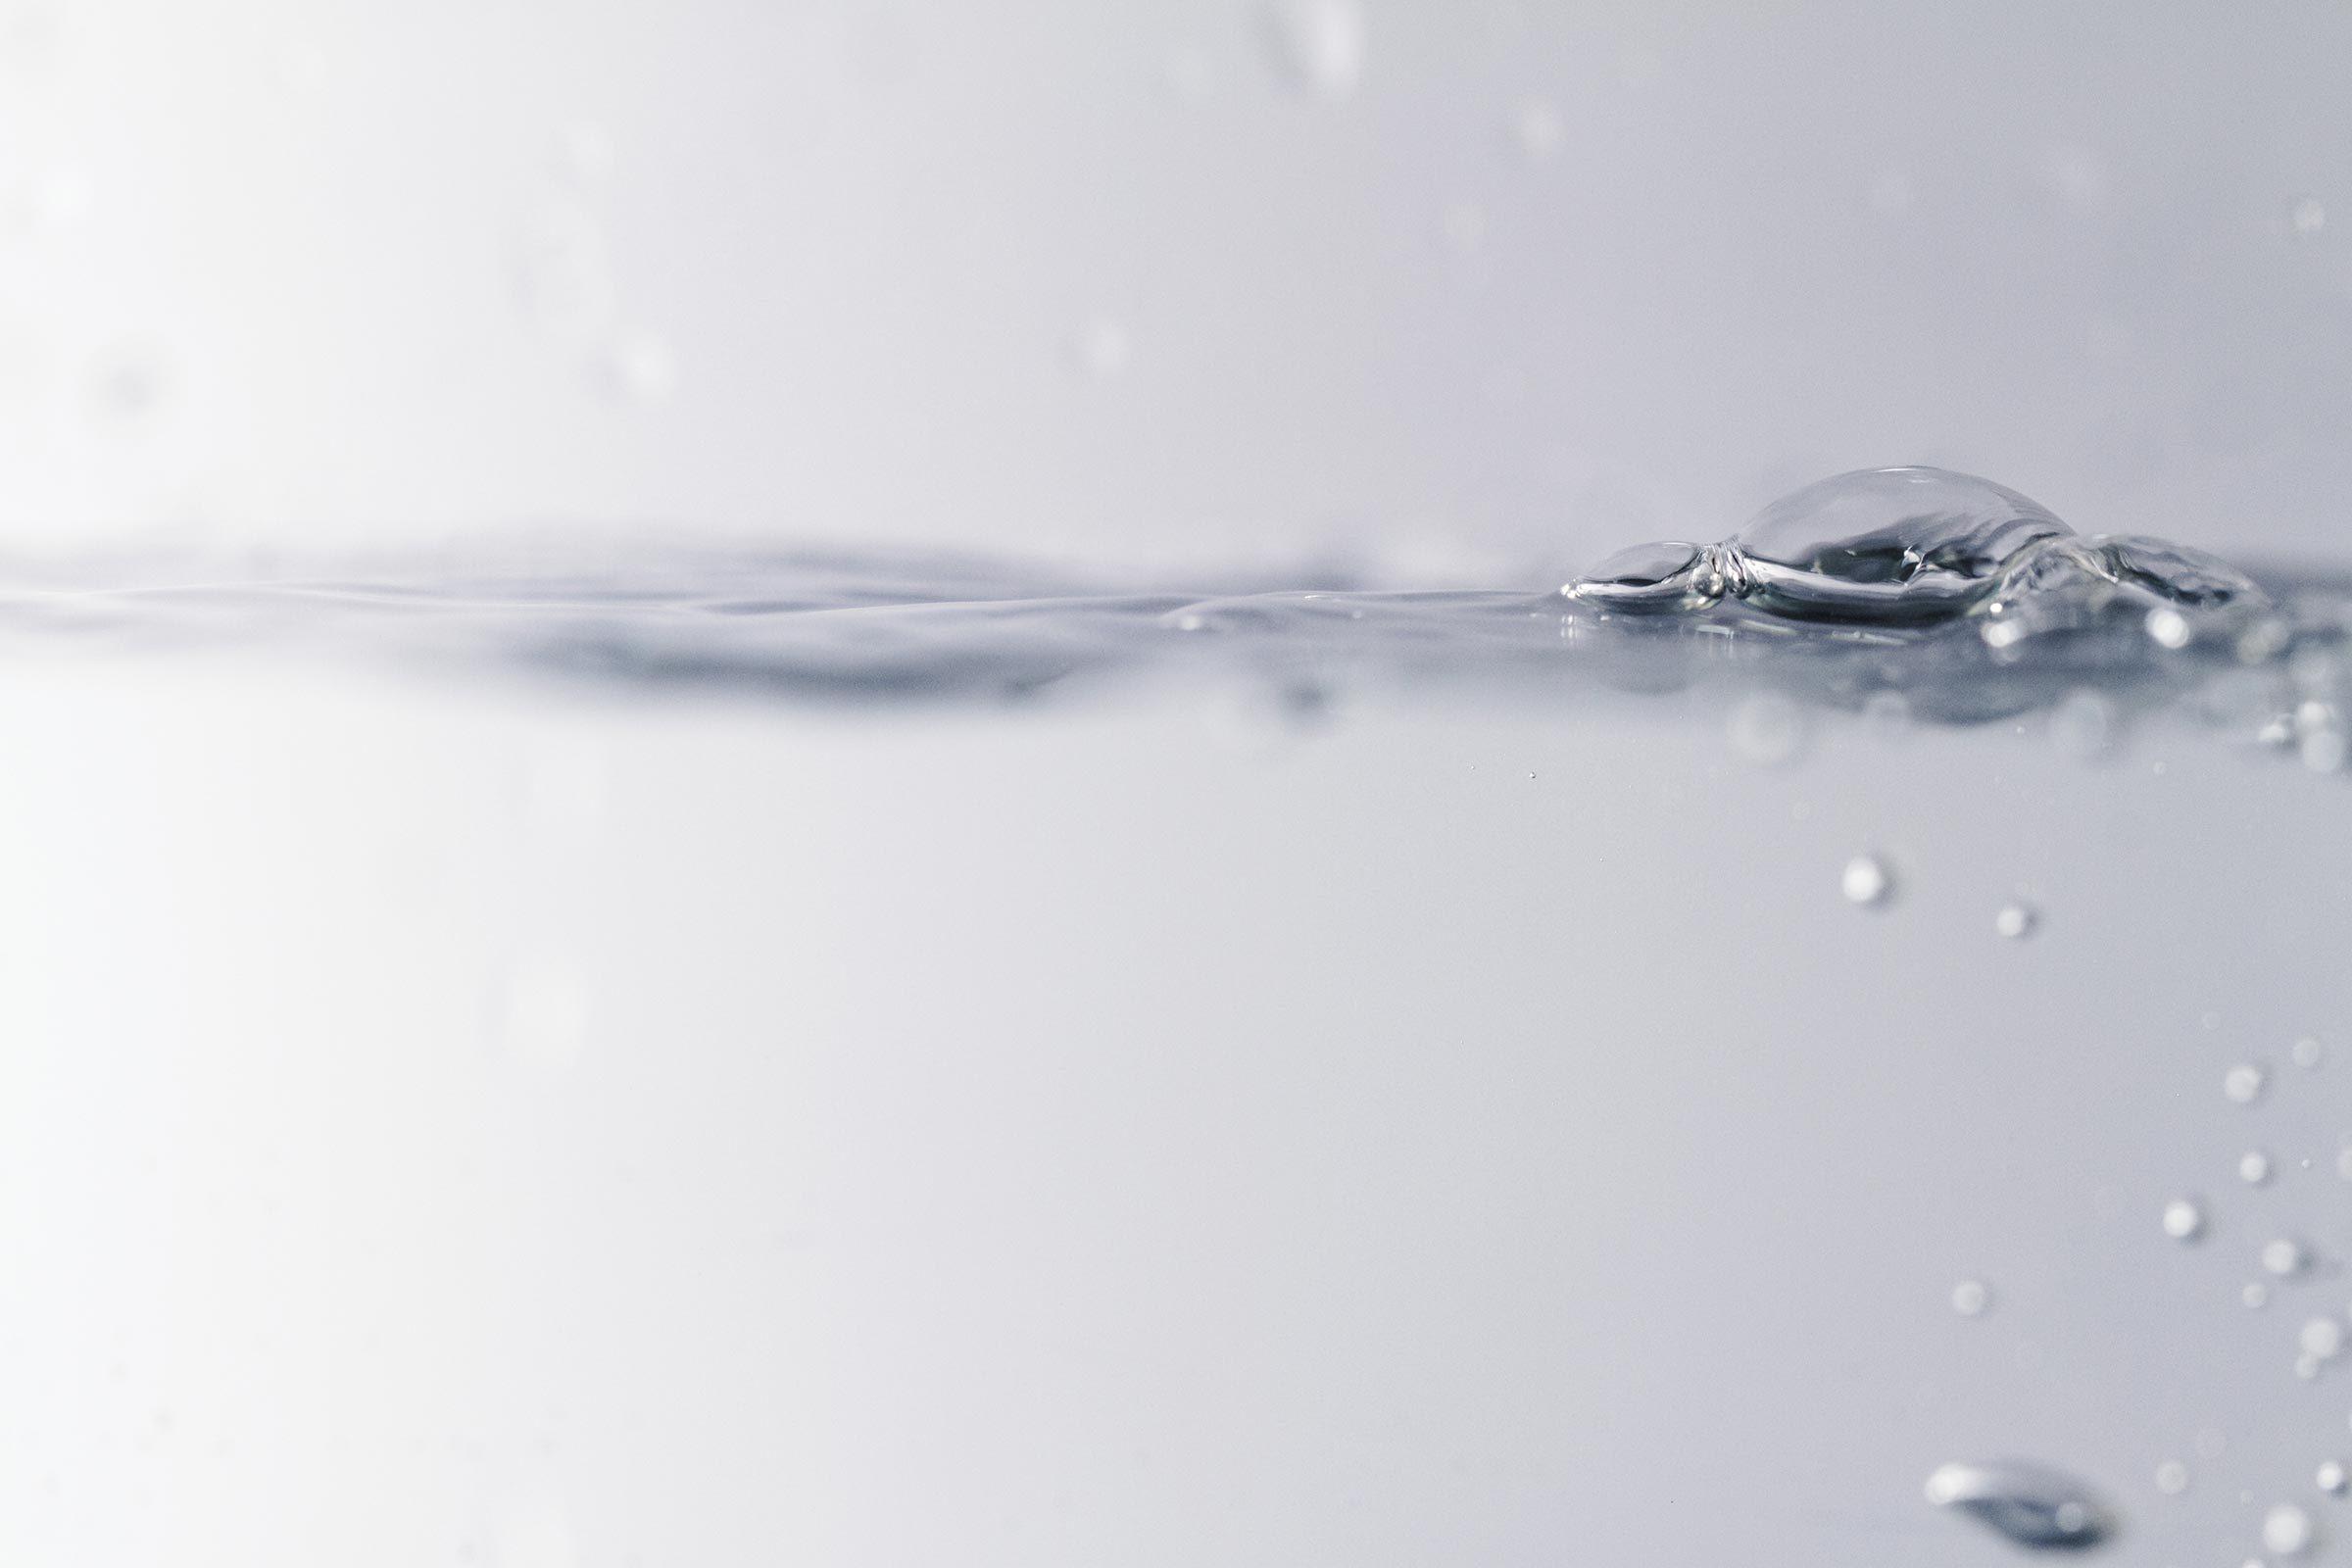 seltzer water sparkling bubbles